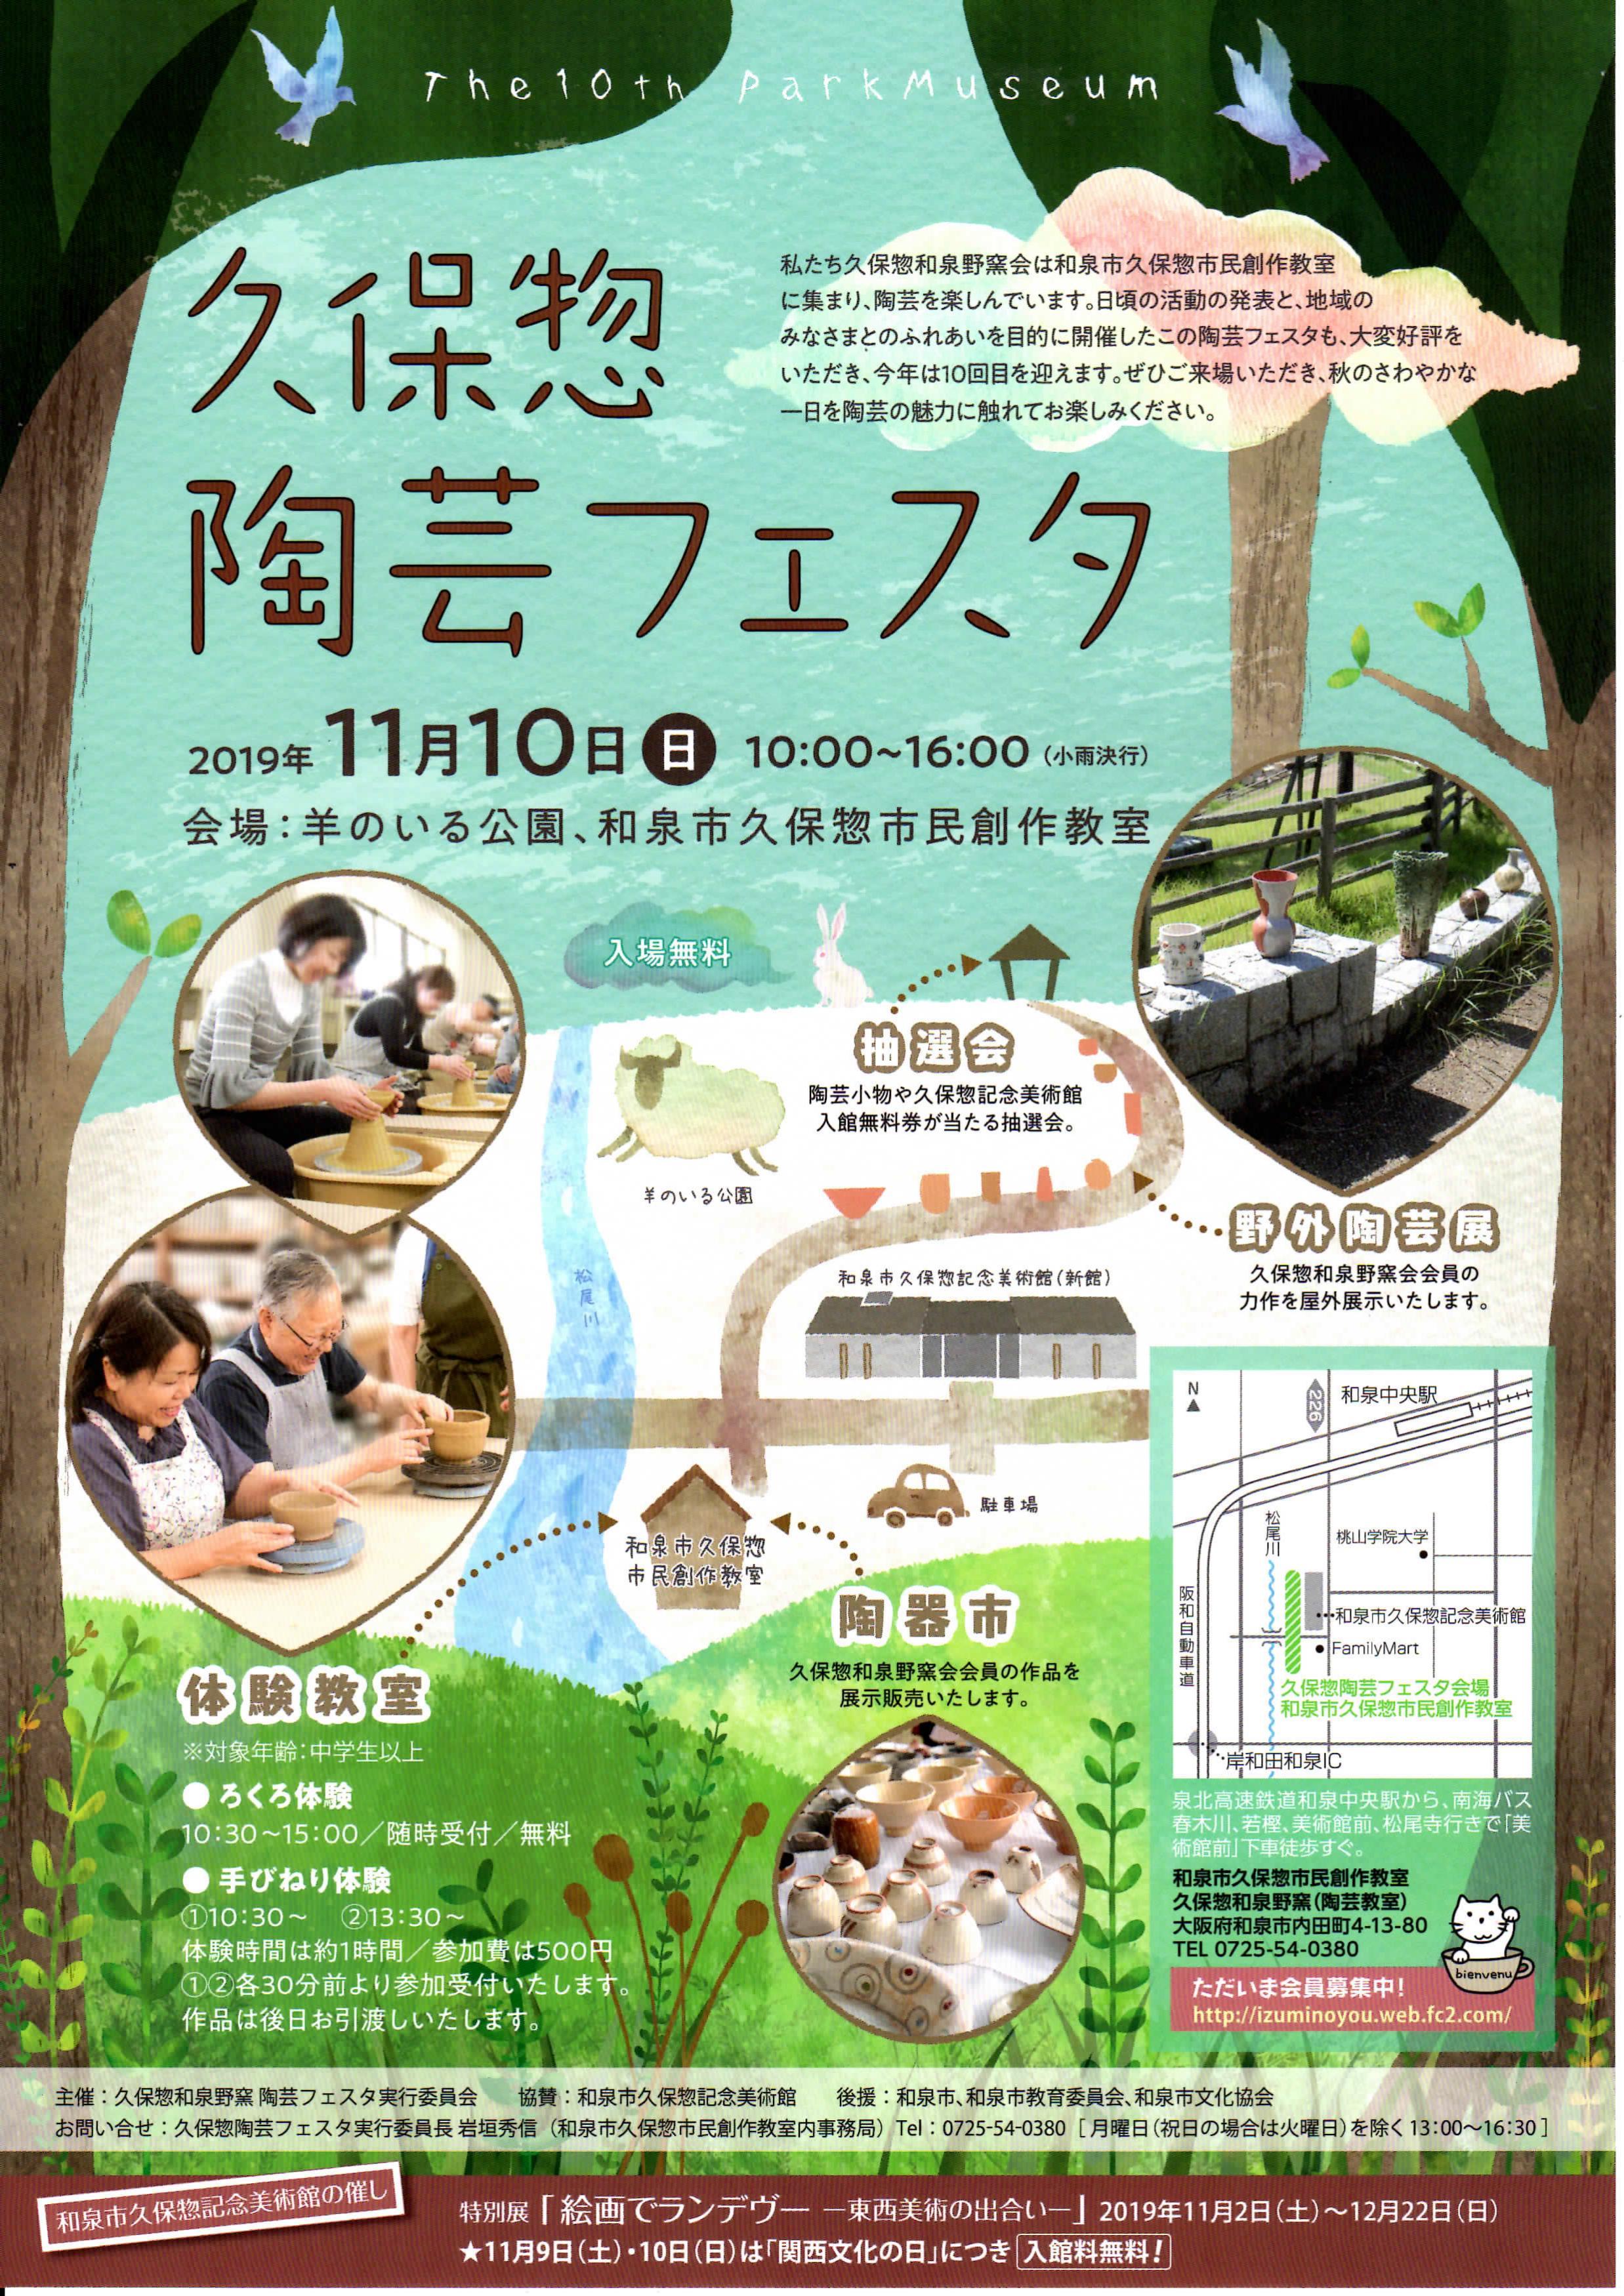 【終了】♪2019年11月10日(日)開催!久保惣陶芸フェスタのお知らせ♪